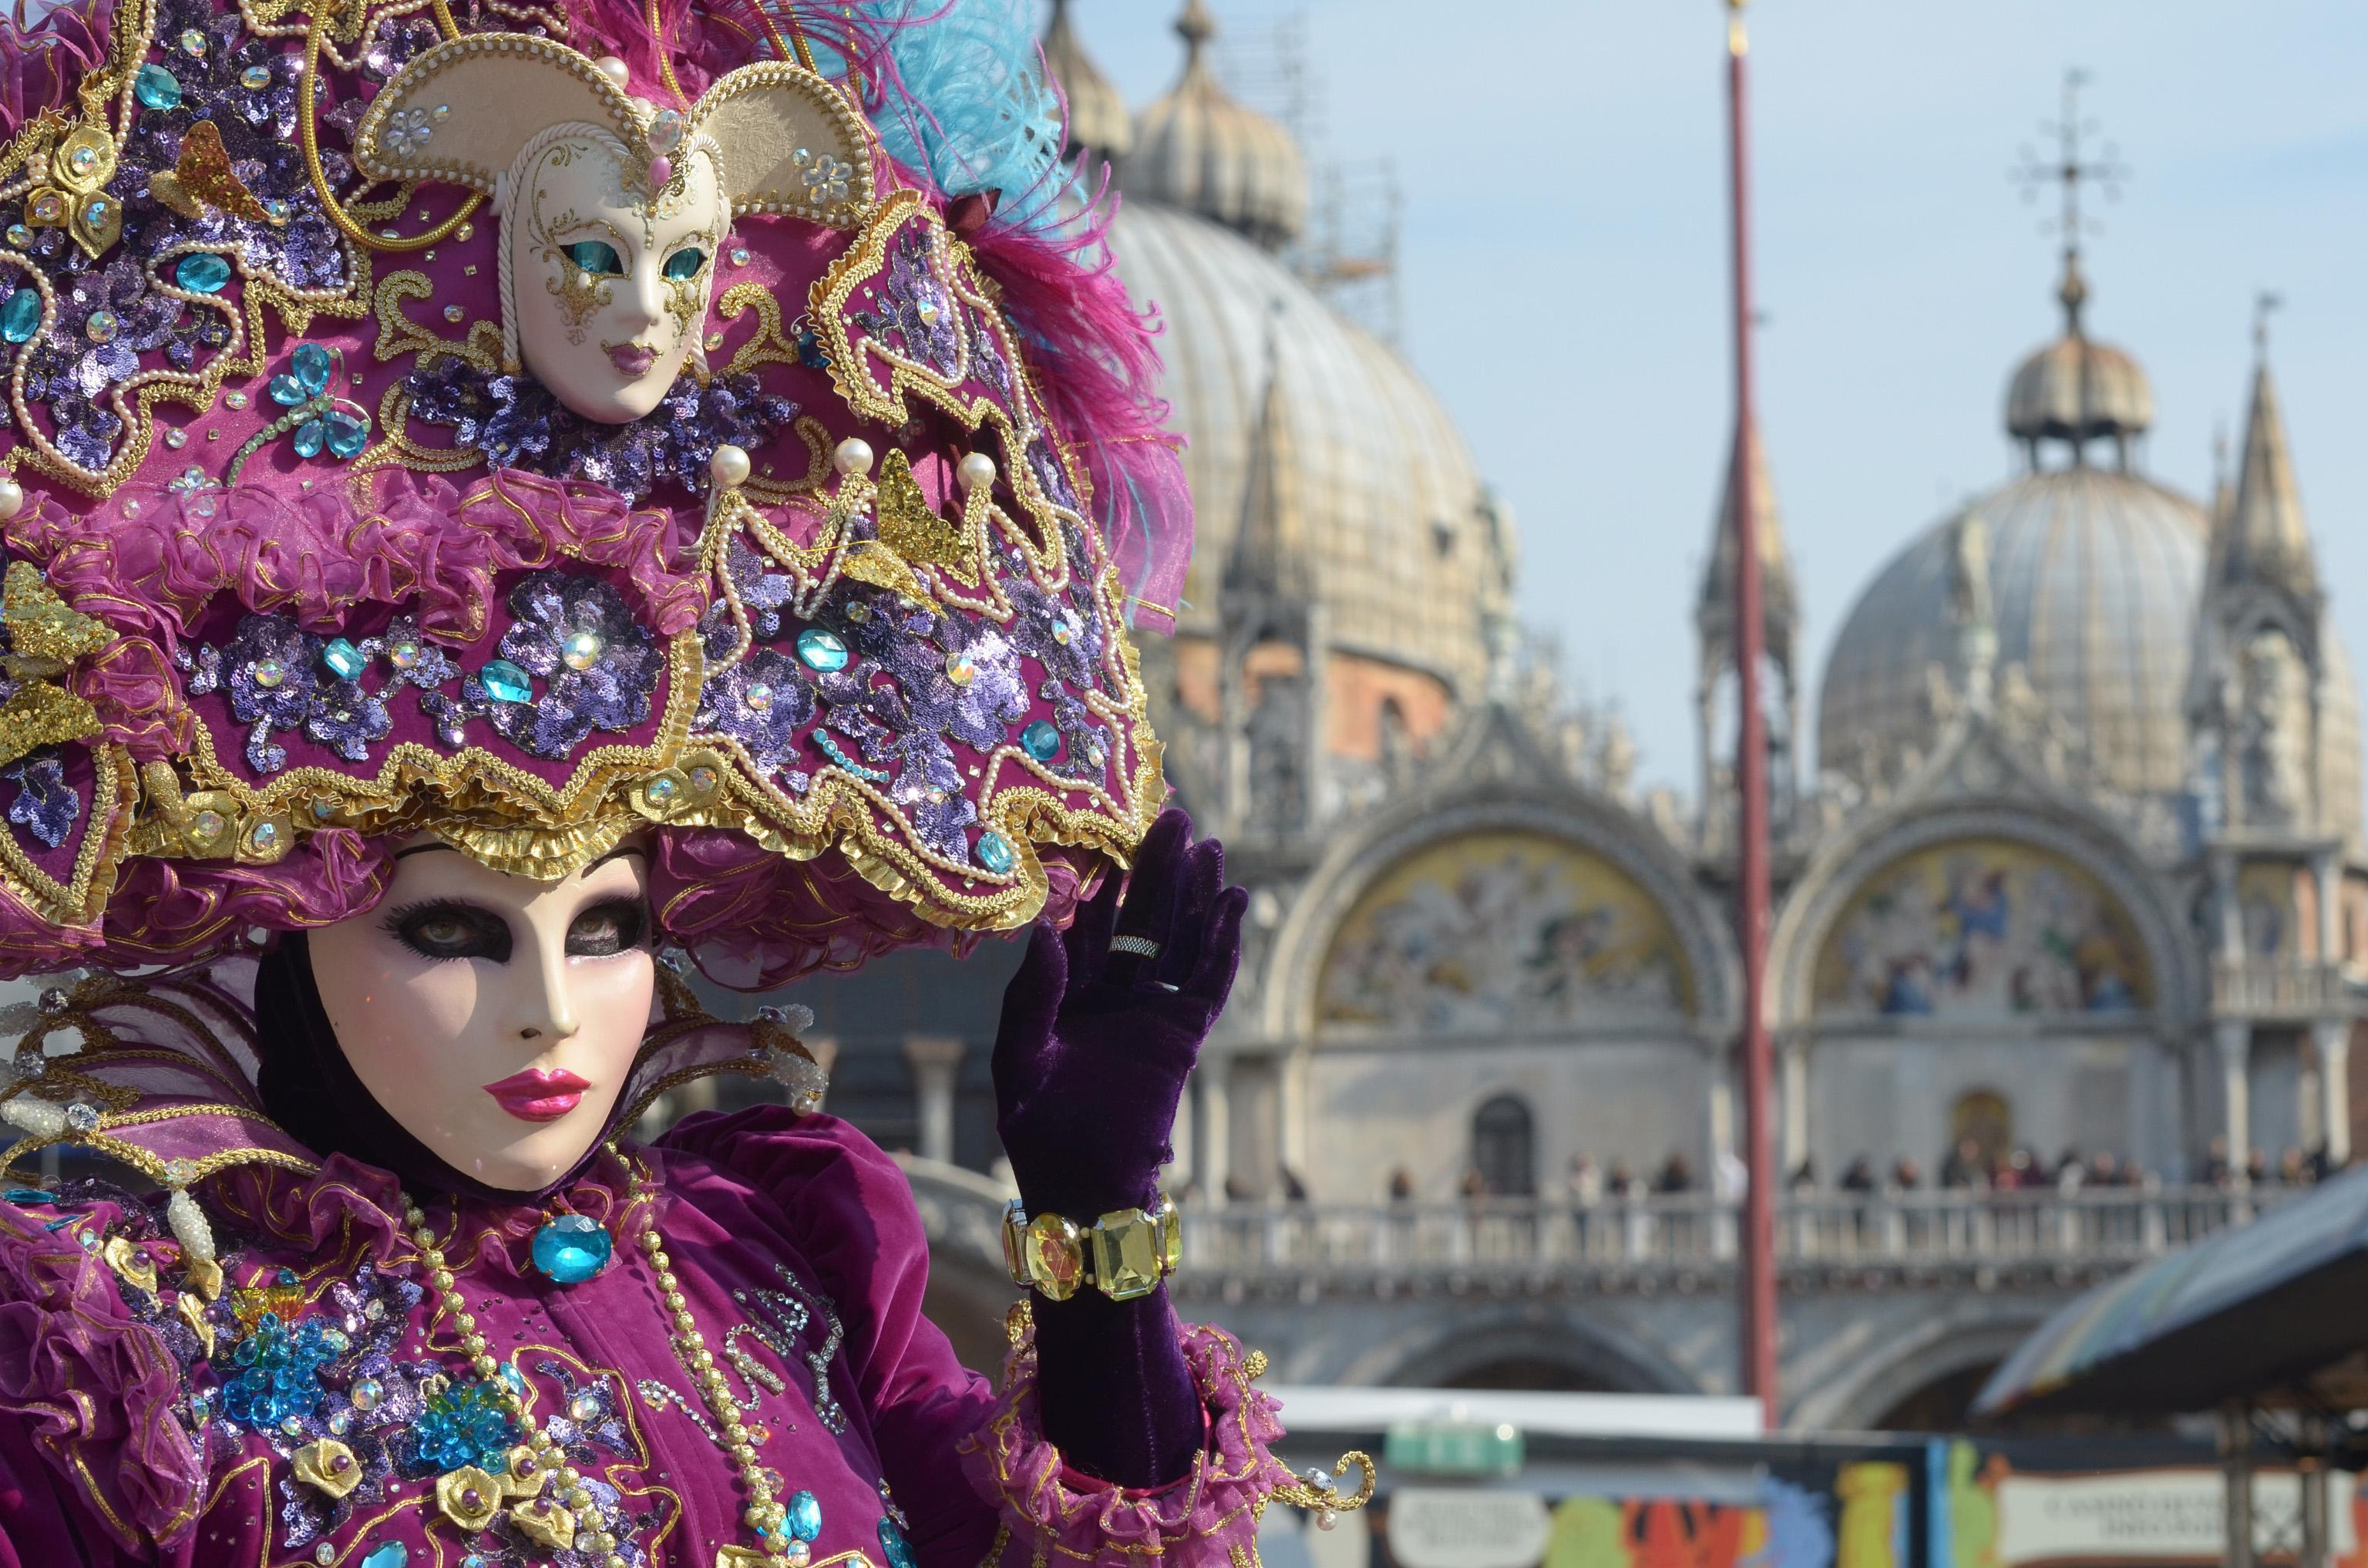 Carnevale: Venezia resta la capitale italiana davanti a Viareggio, Fano e Ivrea